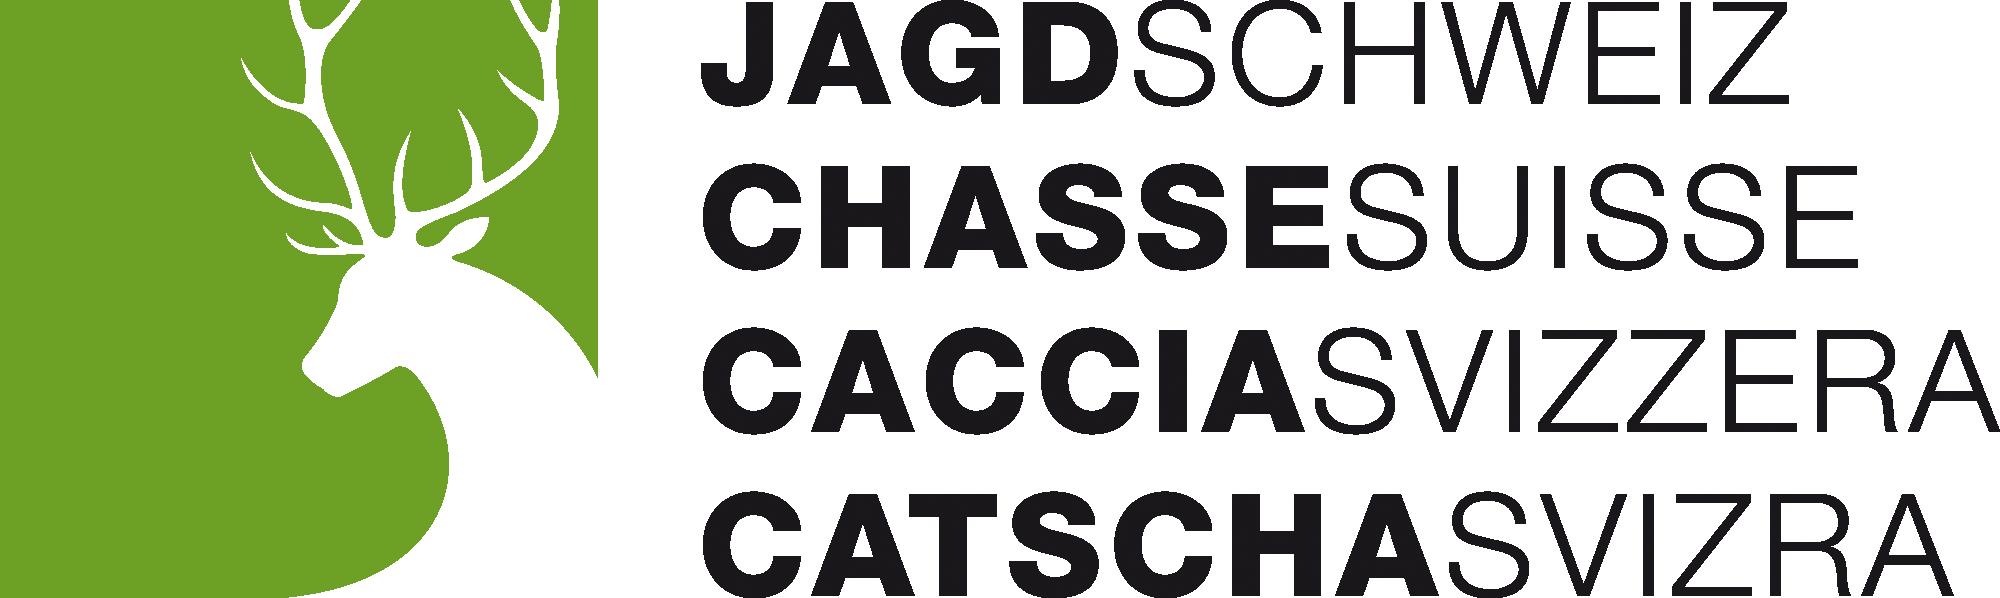 https://www.jagdschweiz.ch/assets/Media/Dateien/Jagdschweiz-logo.png